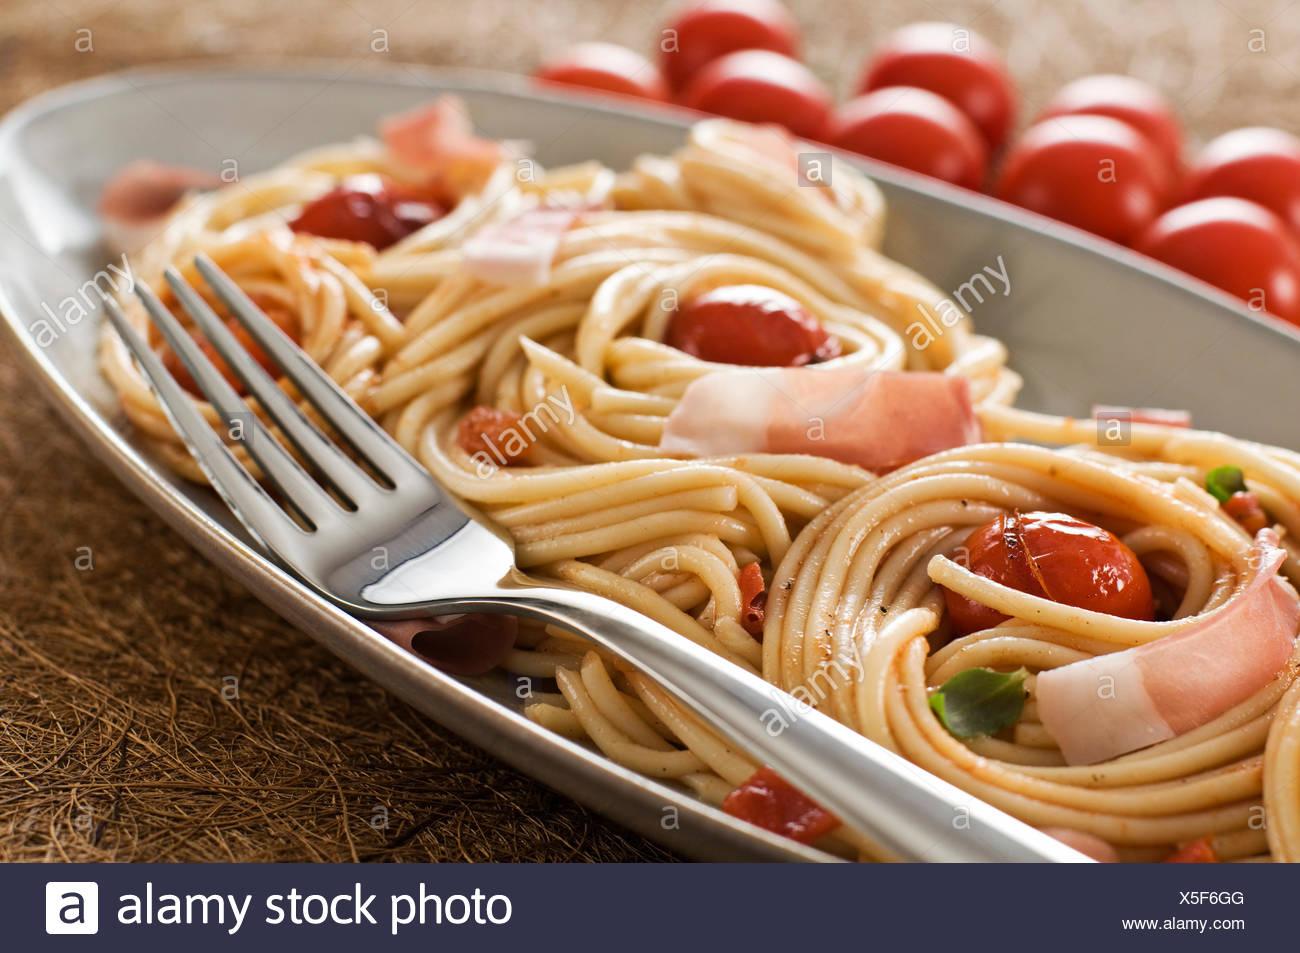 Spaghetti Sauce Gemüse Italienisch Essen Speise Mahlzeit